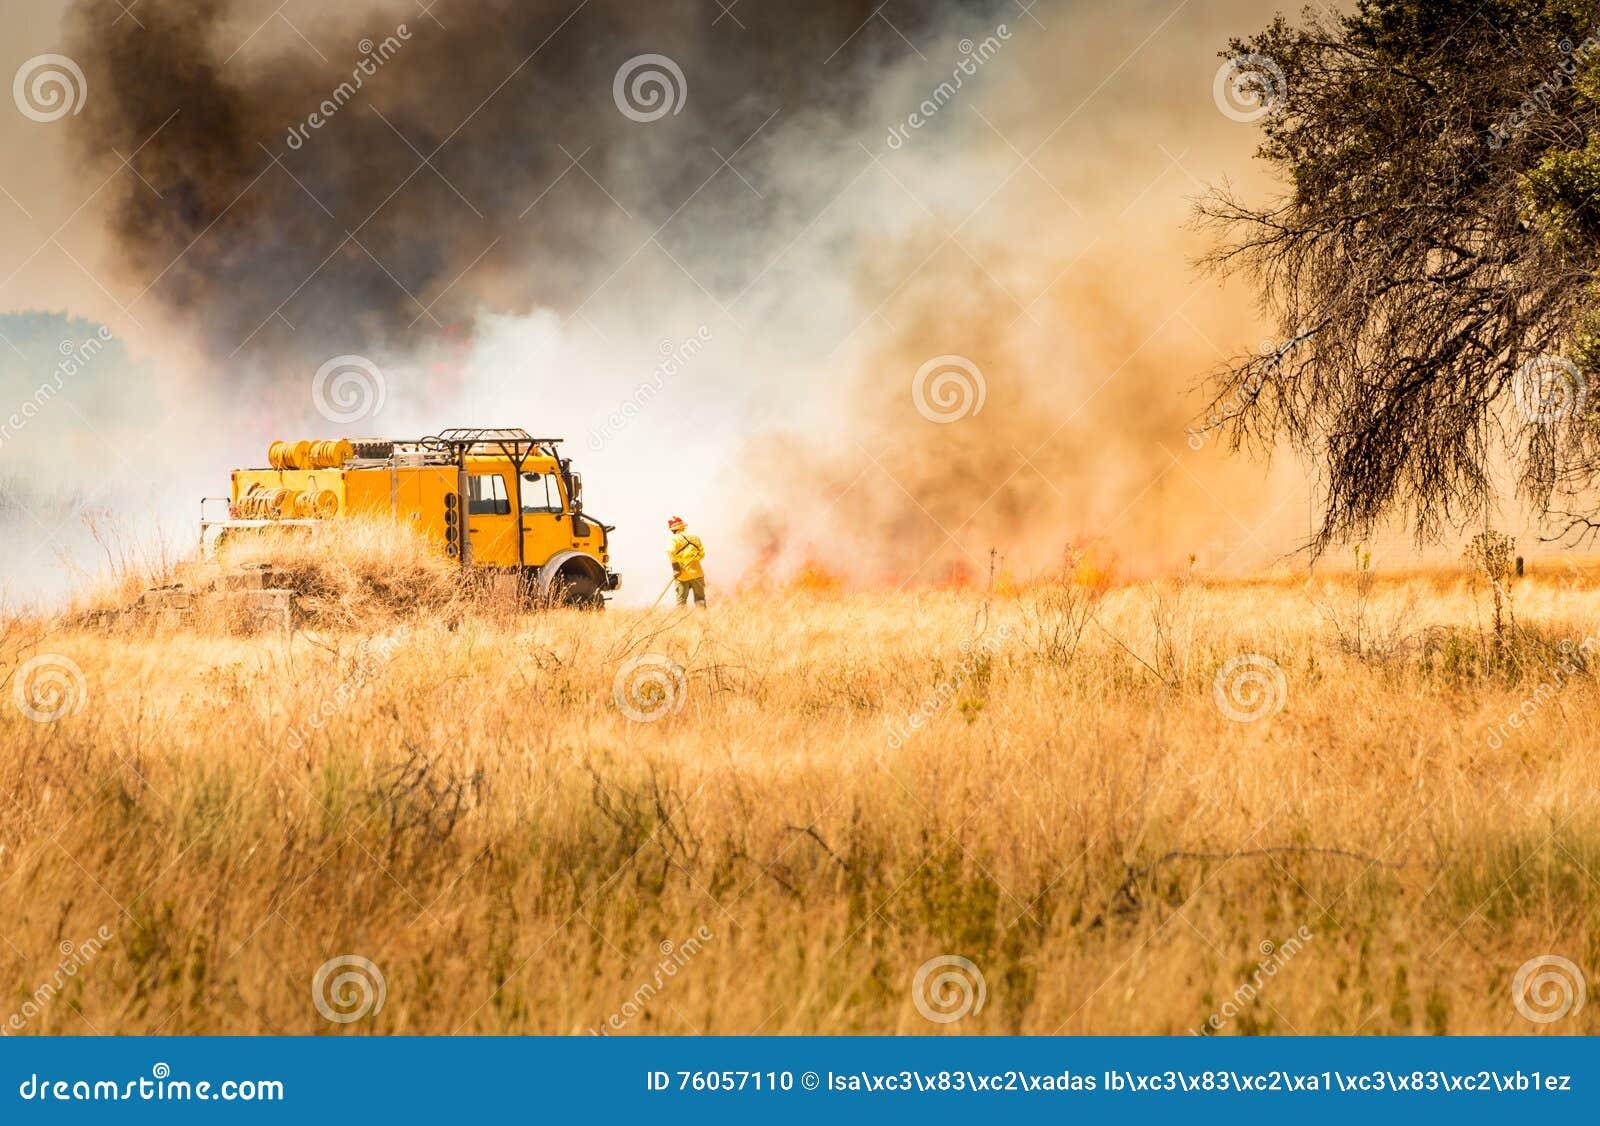 Feuerwehrmänner, die Feuer kämpfen